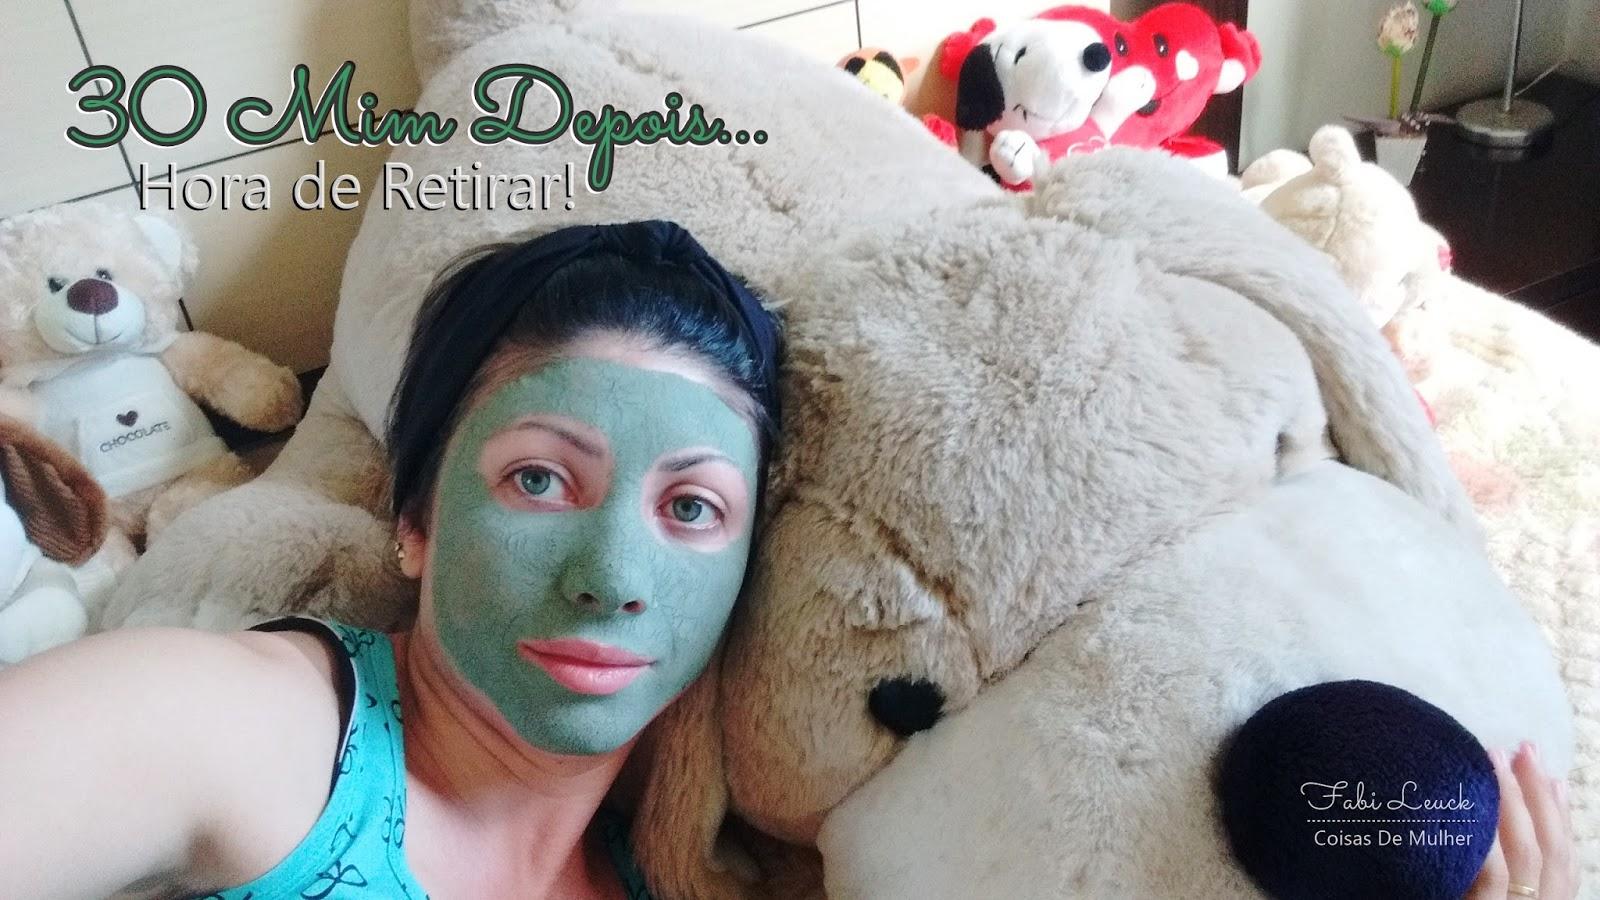 Mascara De Argila Verde Eliminando Oleosidade Coisas De Mulher